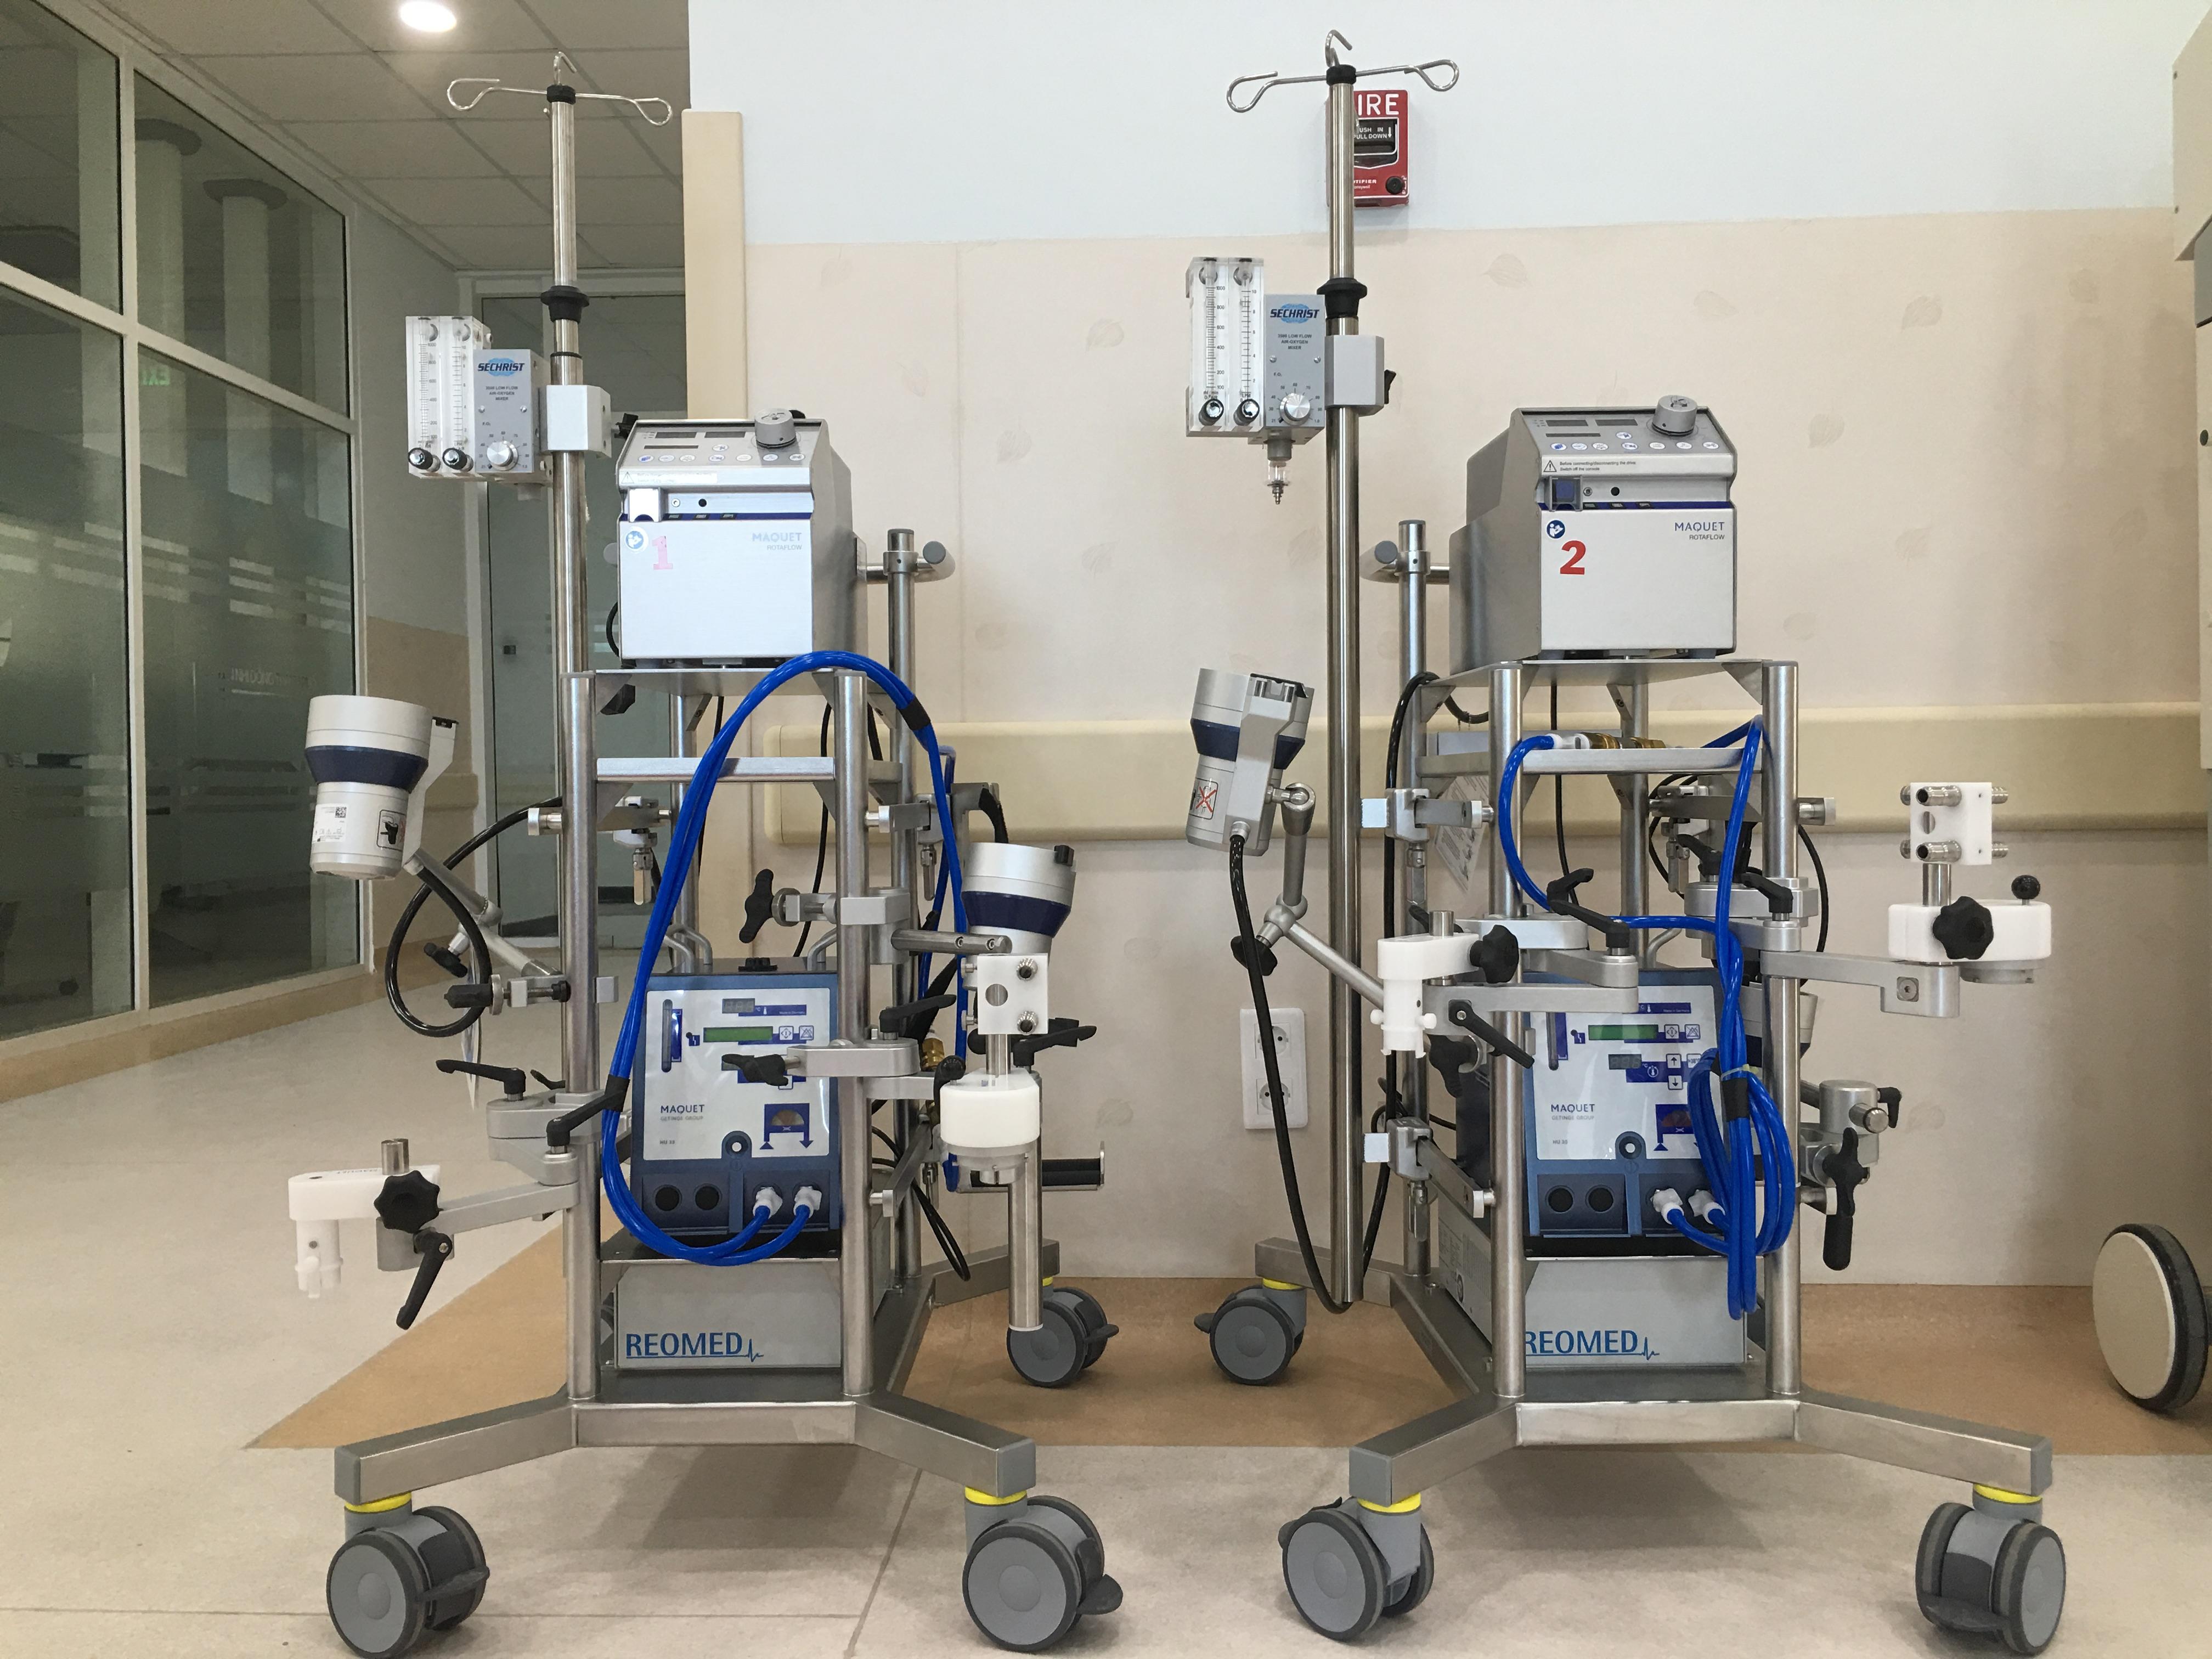 Máy hỗ trợ hô hấp-tuần hoàn ngoài cơ thể (ECMO)